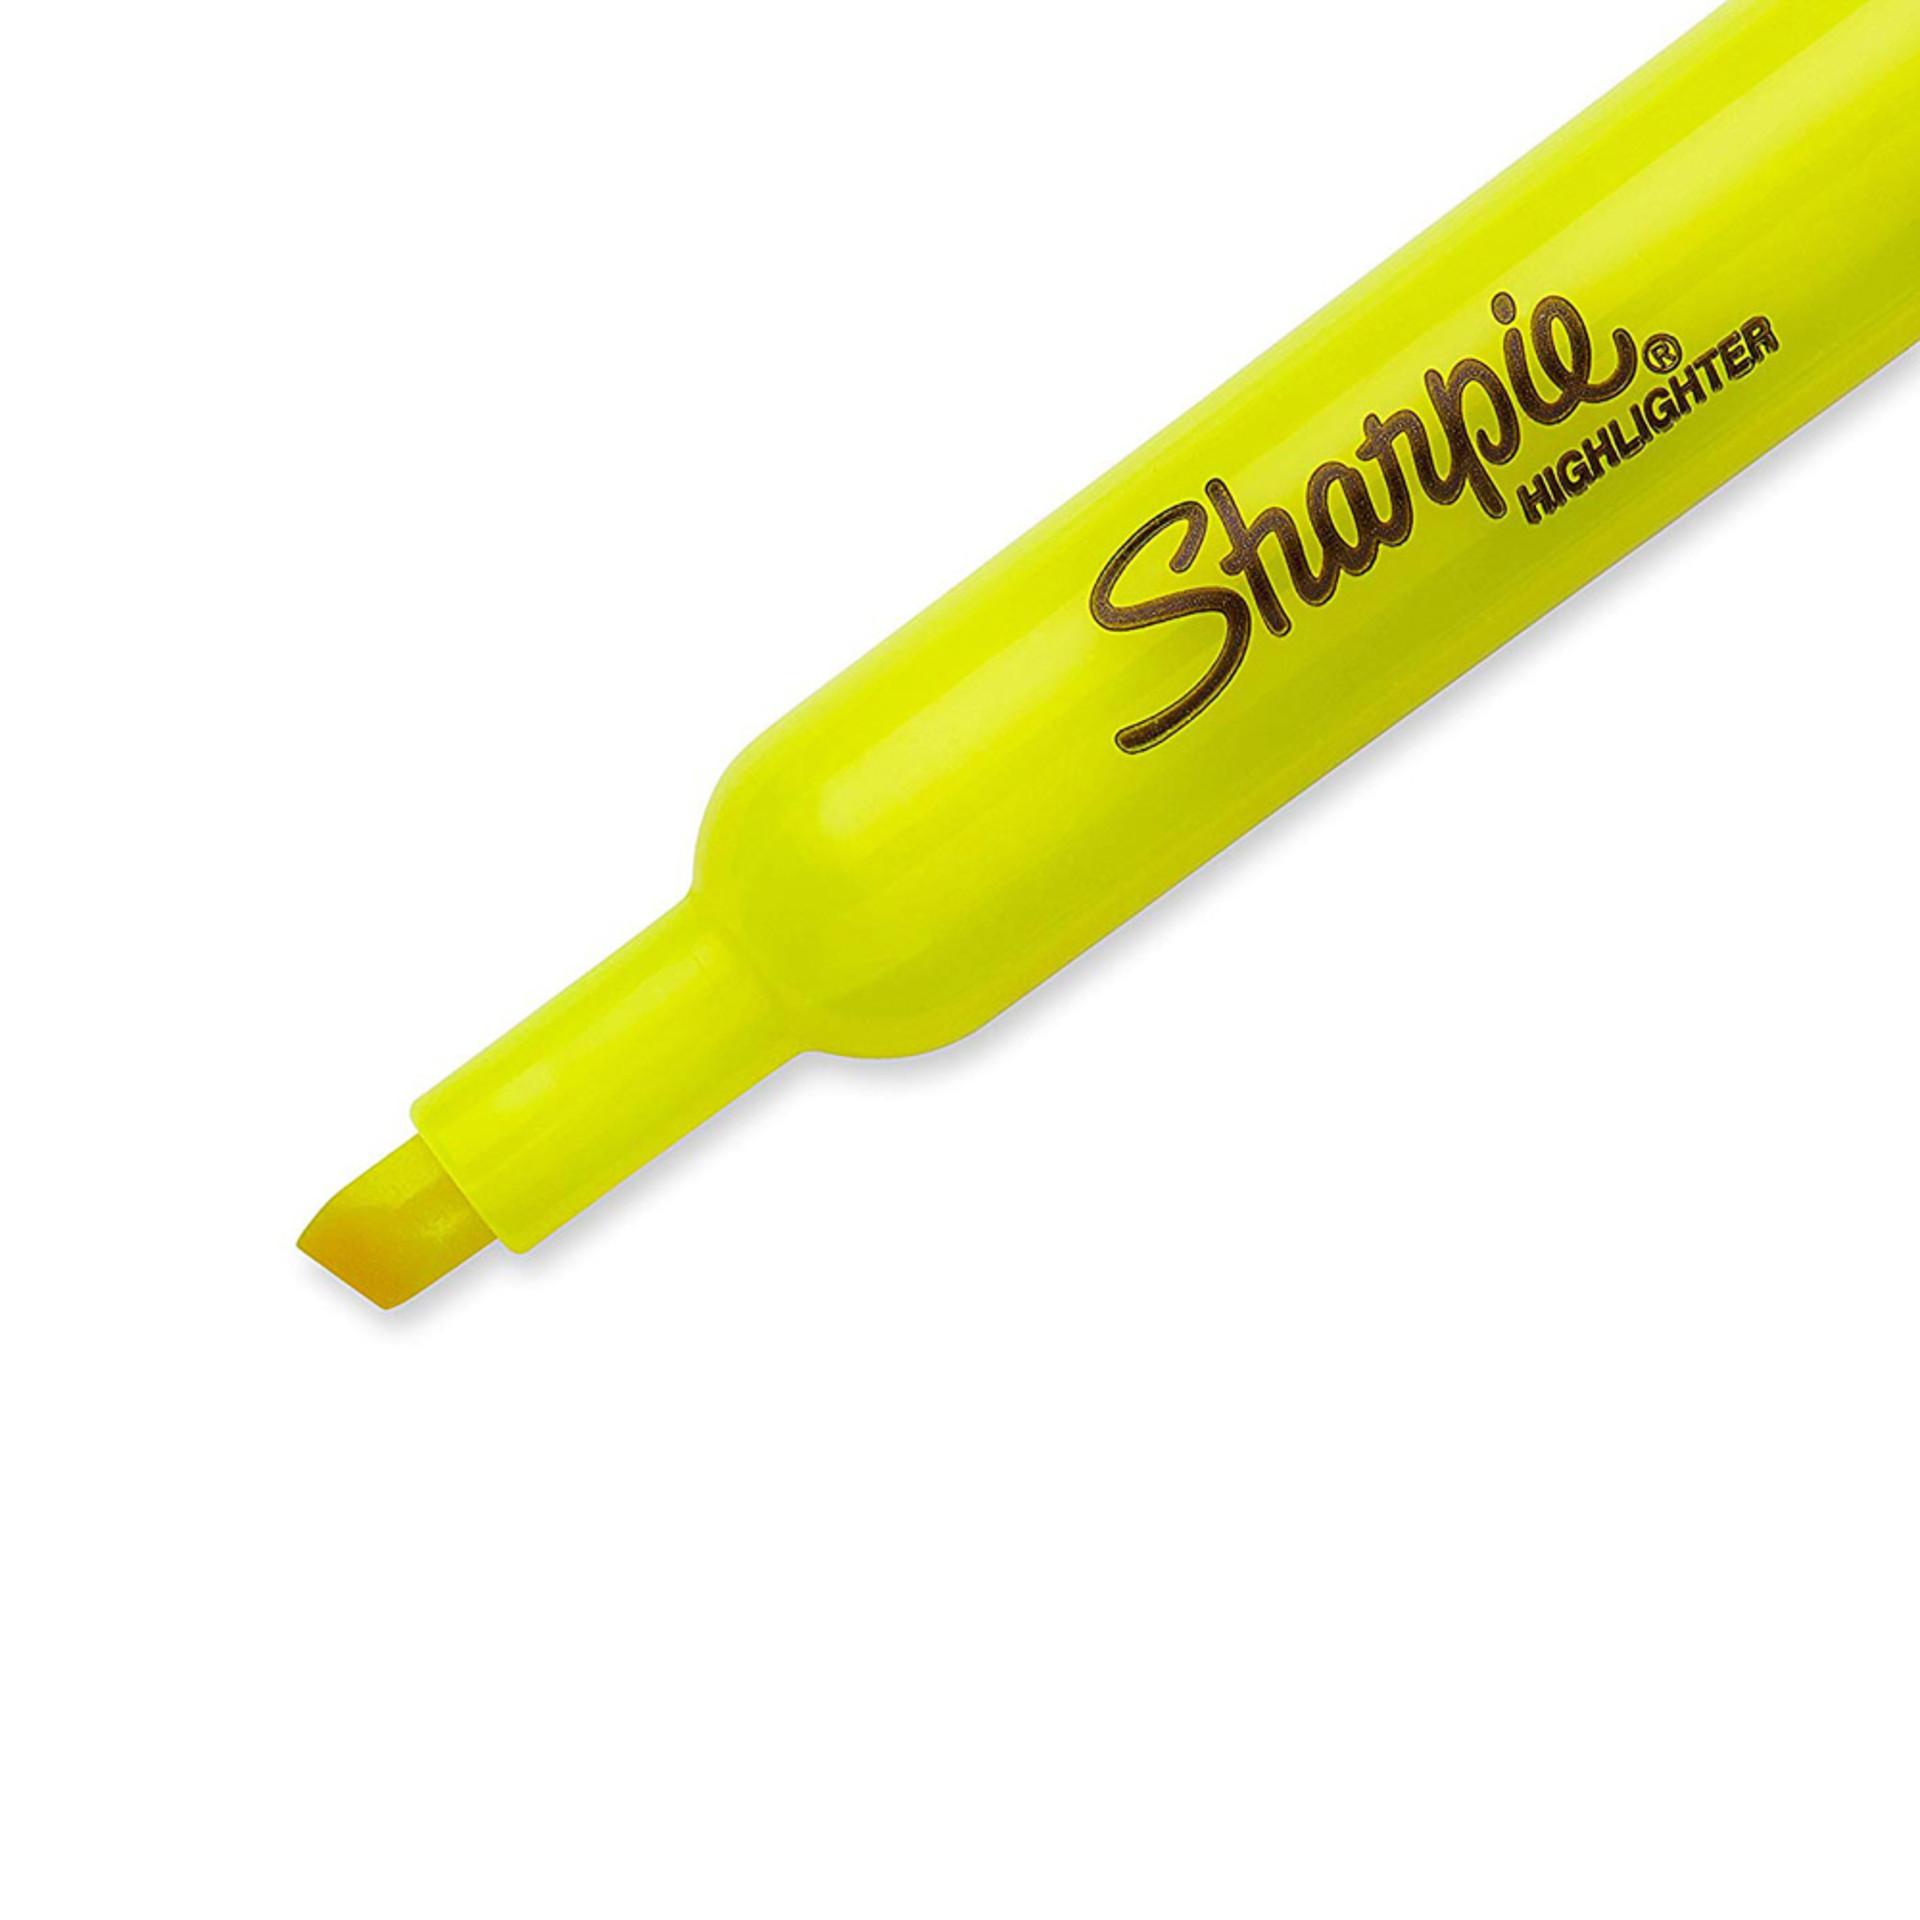 Sharpie Fluorescent Yellow Highlighter